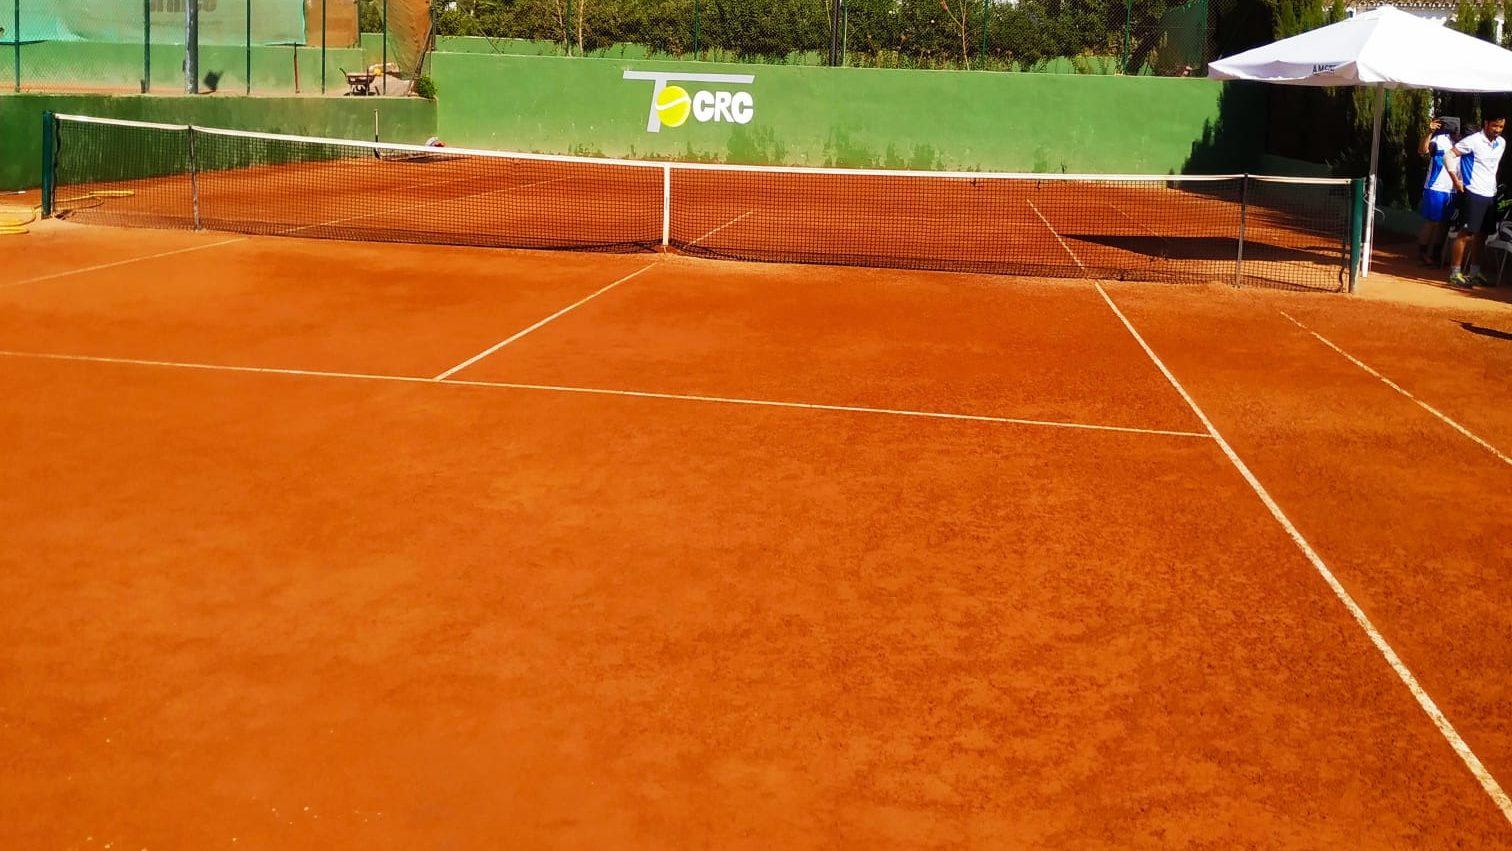 club de tenis CRC Tenis La Cala